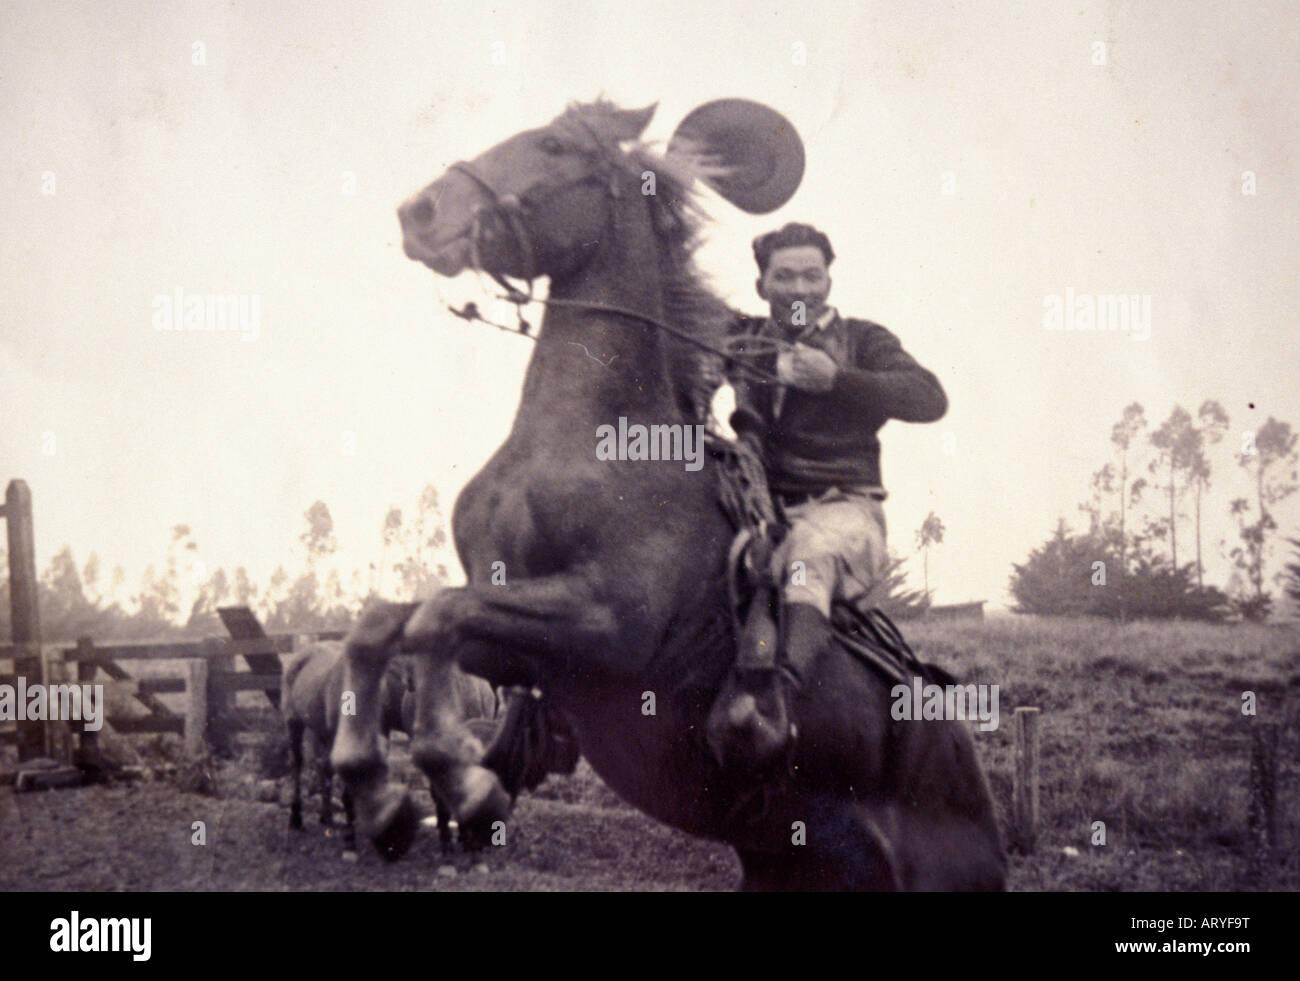 Archival Schwarzweißfoto von Yutaka Kimura, der ìWaimea Cowboy, Î auf bucking horse Stockbild